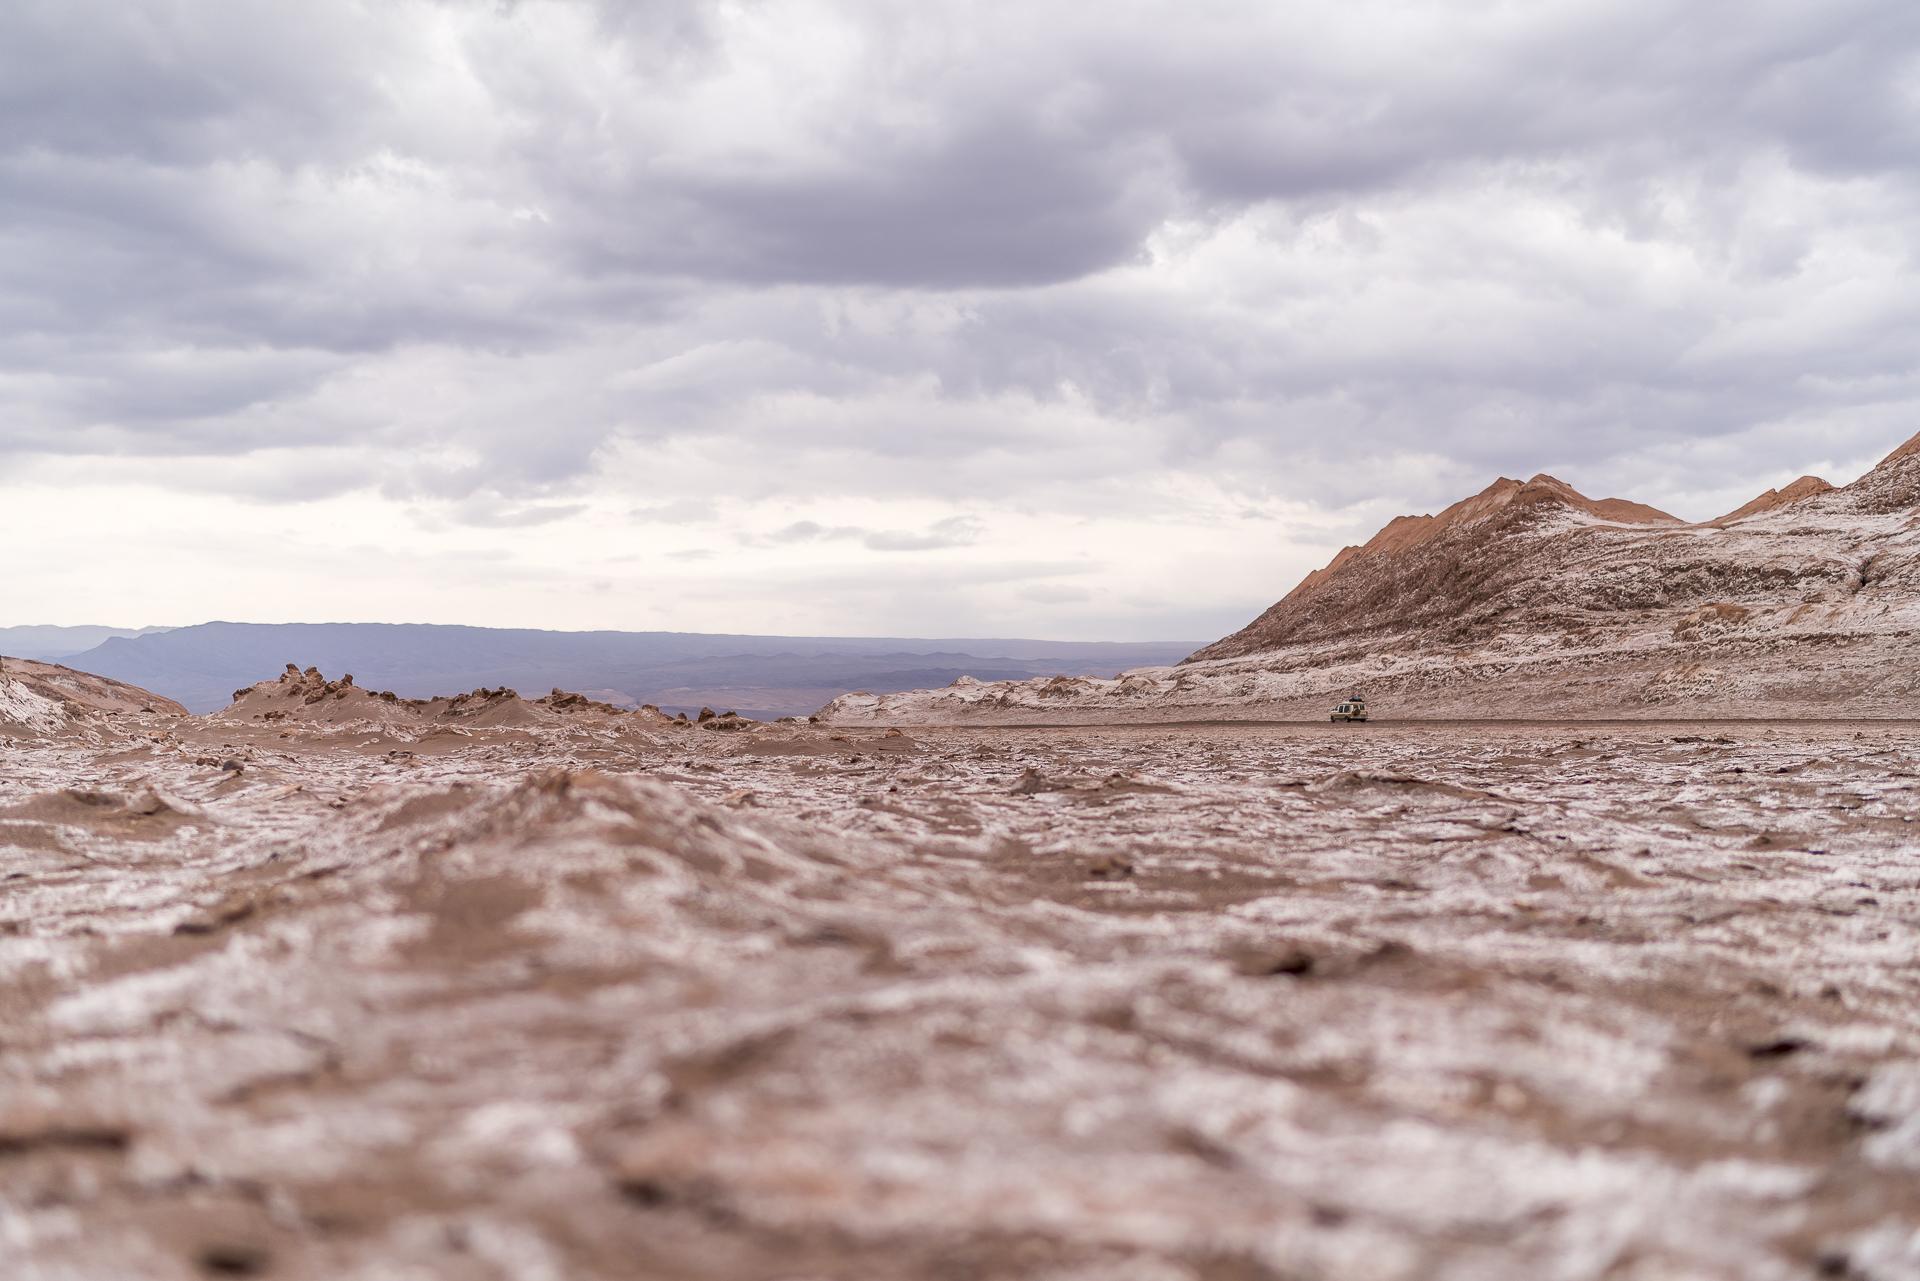 Valle de la Lunar Salar de Atacama